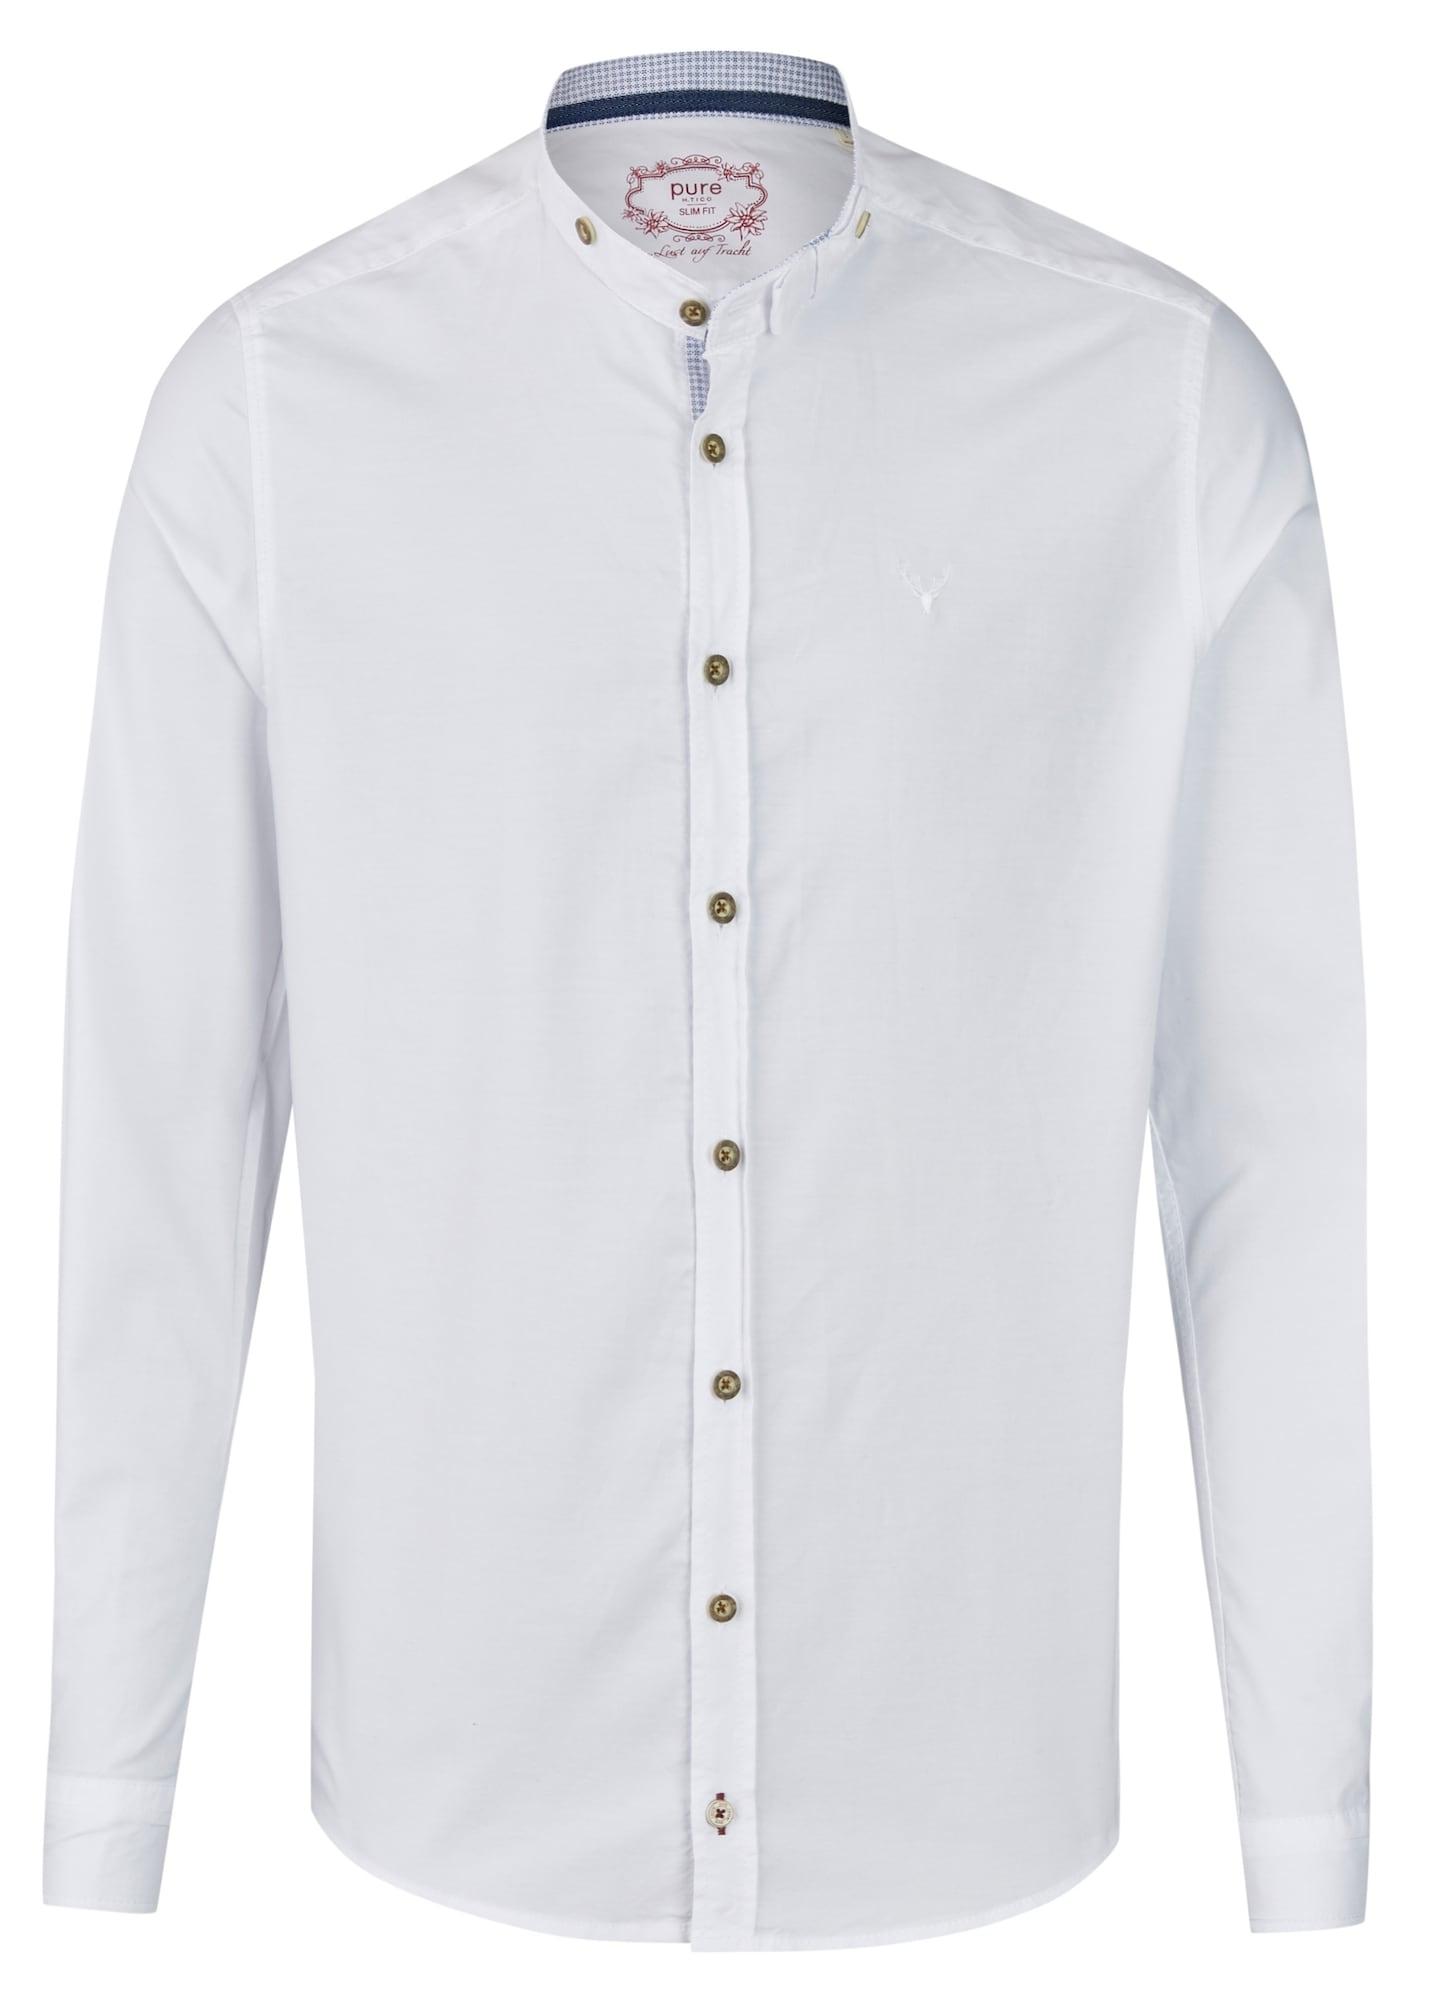 Herren Pure Trachtenhemd weiß | 04059825612420